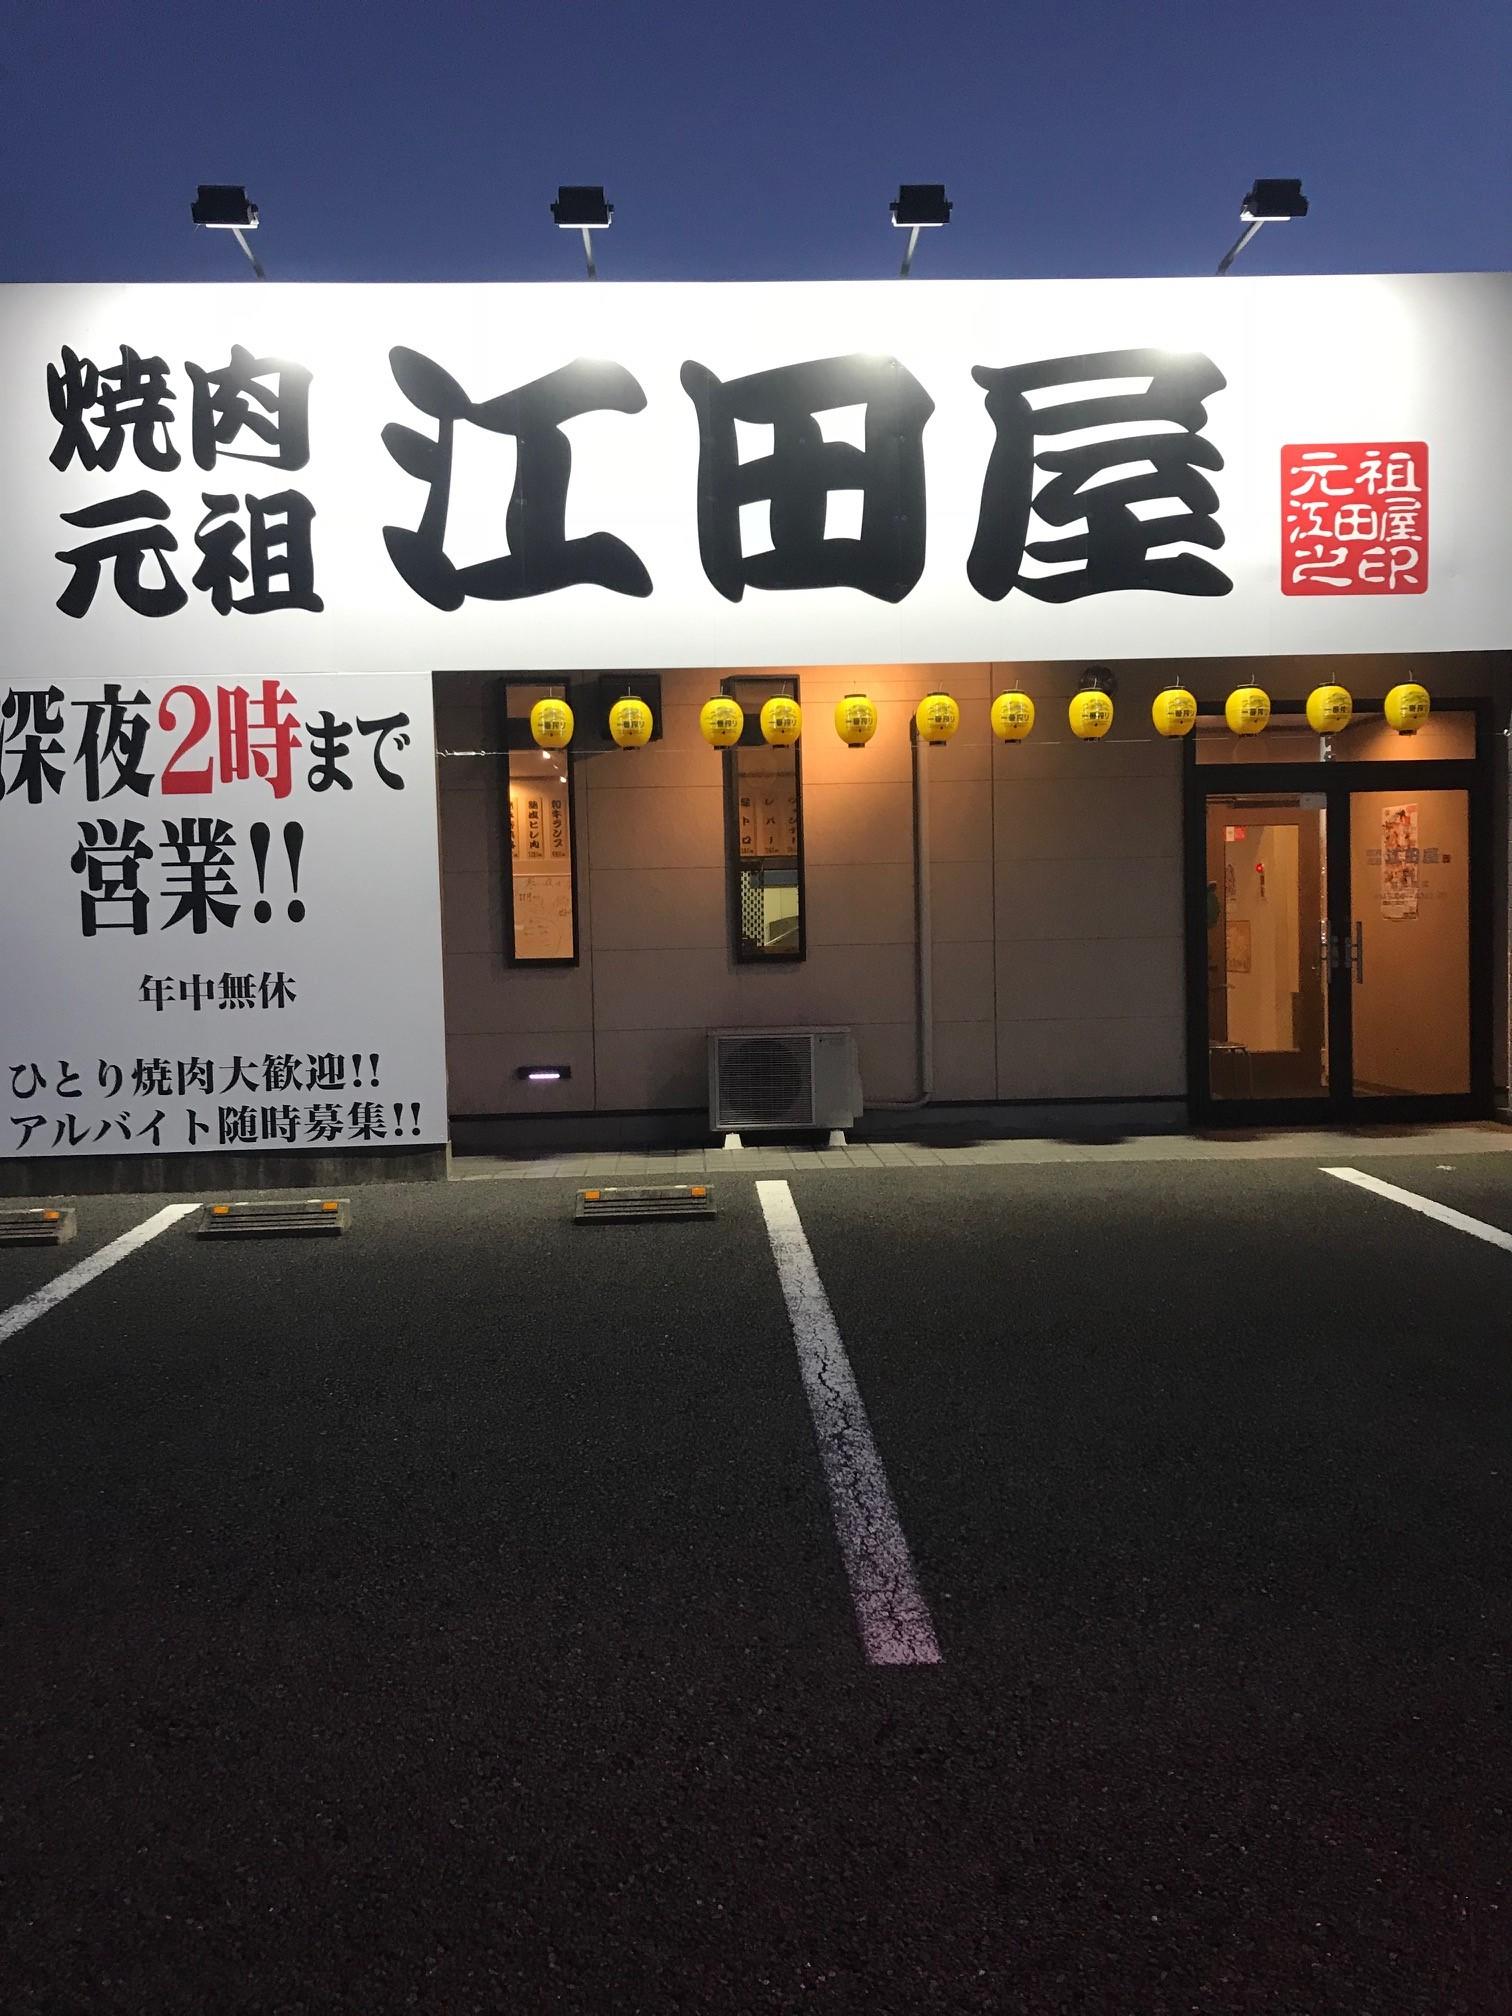 江田屋様外観写真 (1)